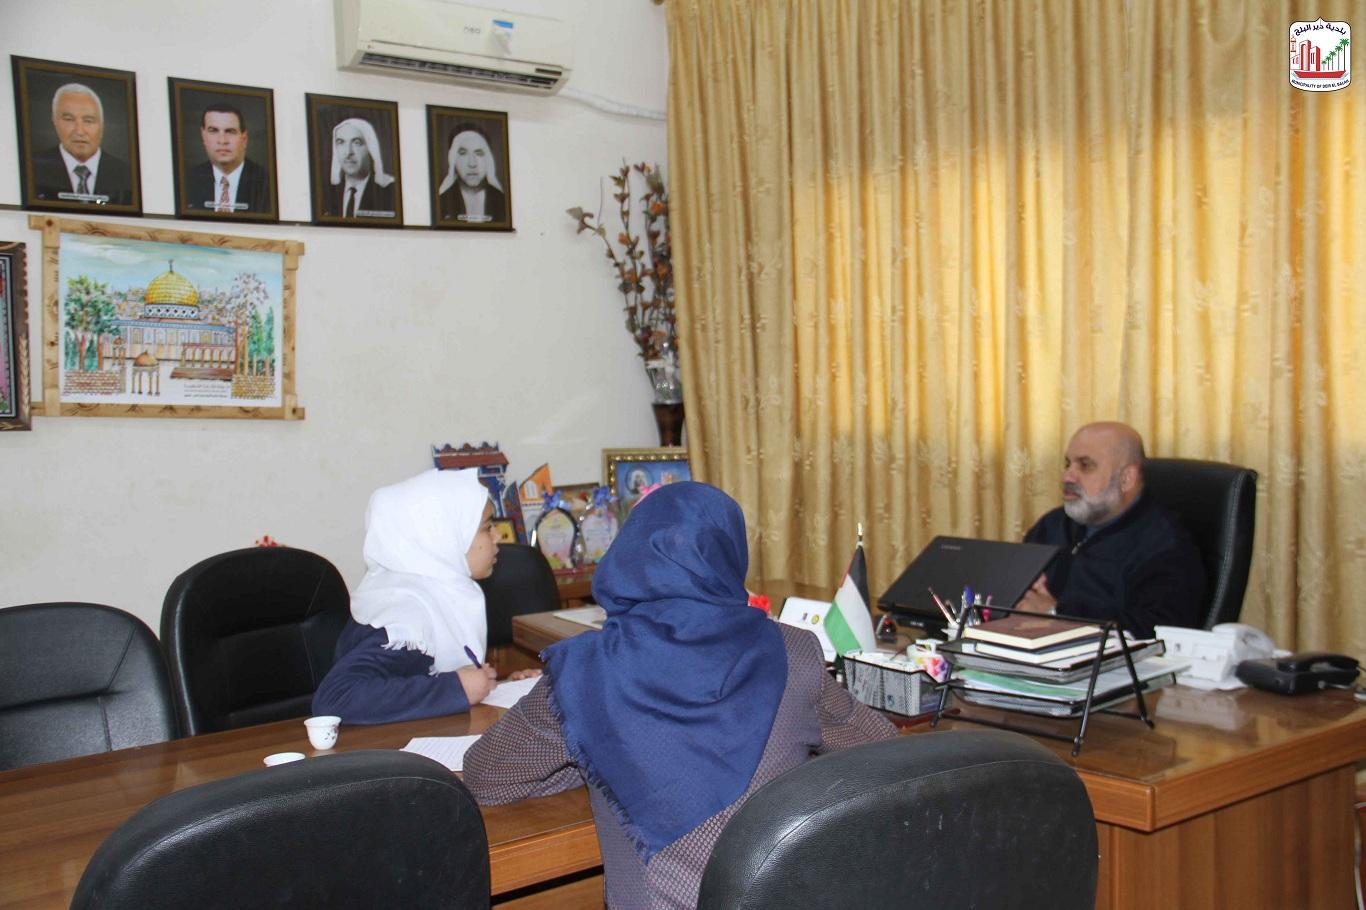 رئيس البلدية لدى استقباله طالبات مسابقة